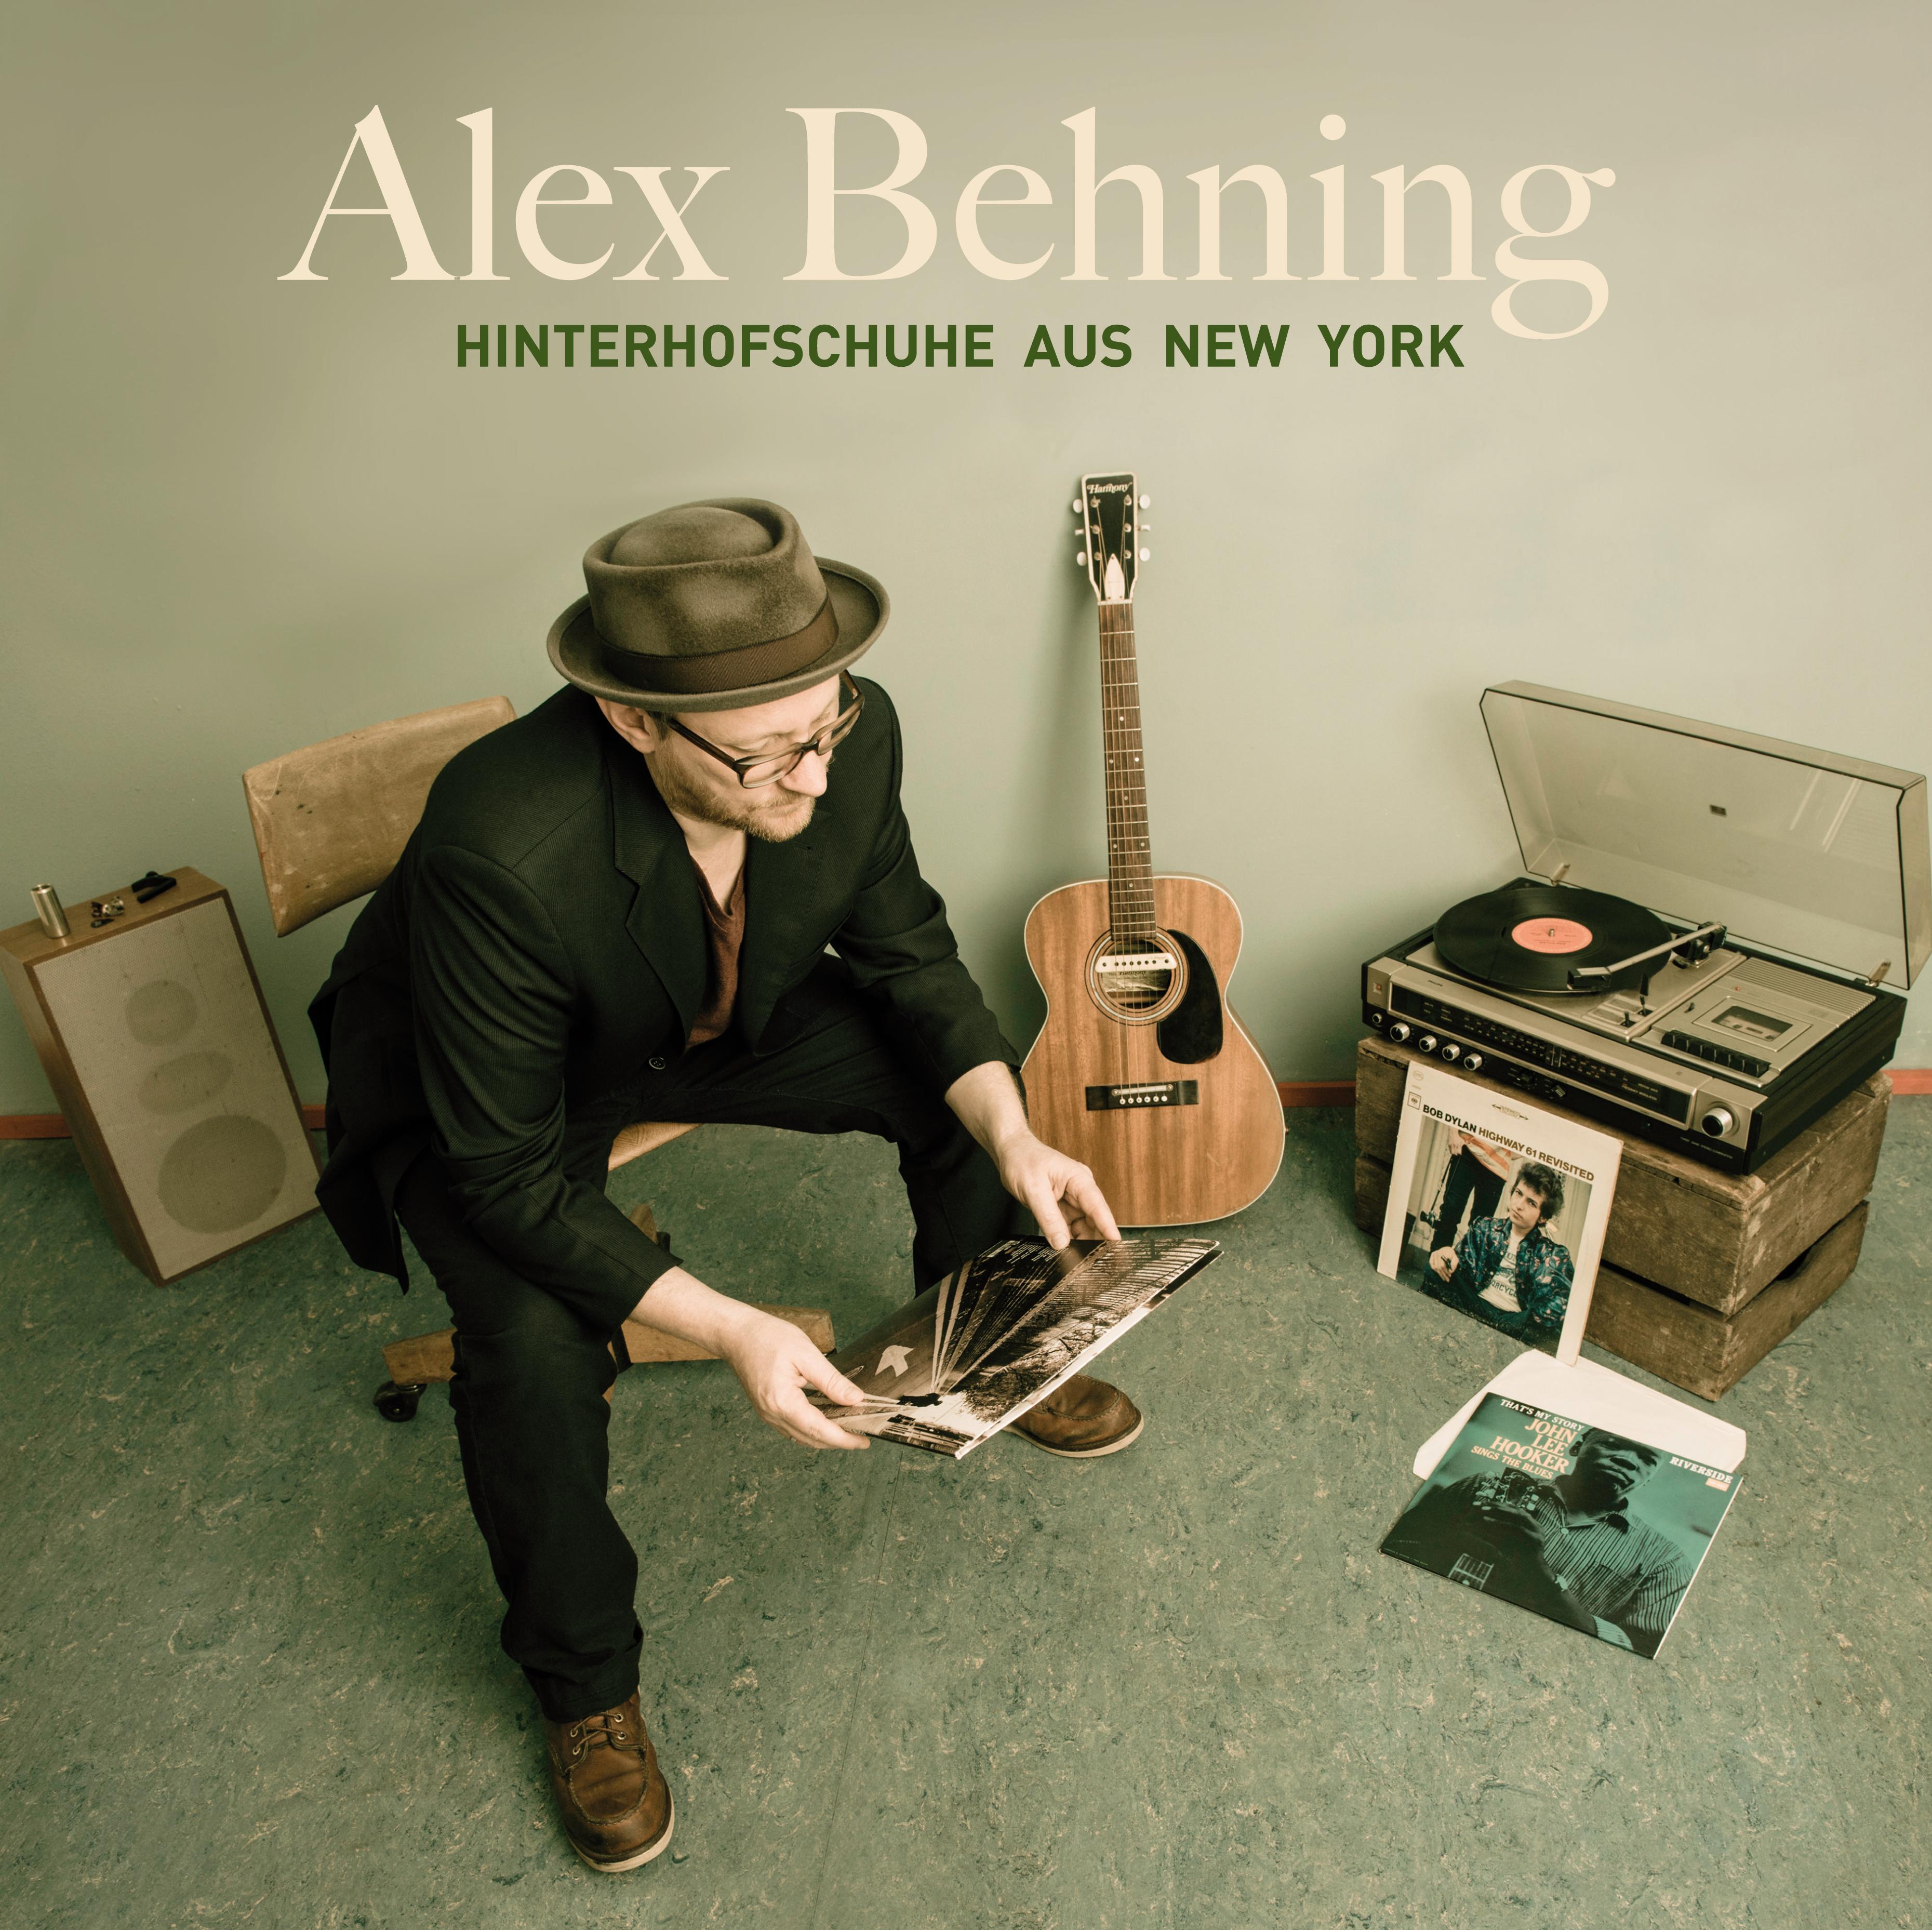 Album Cover Hinterhofschuhe aus New York